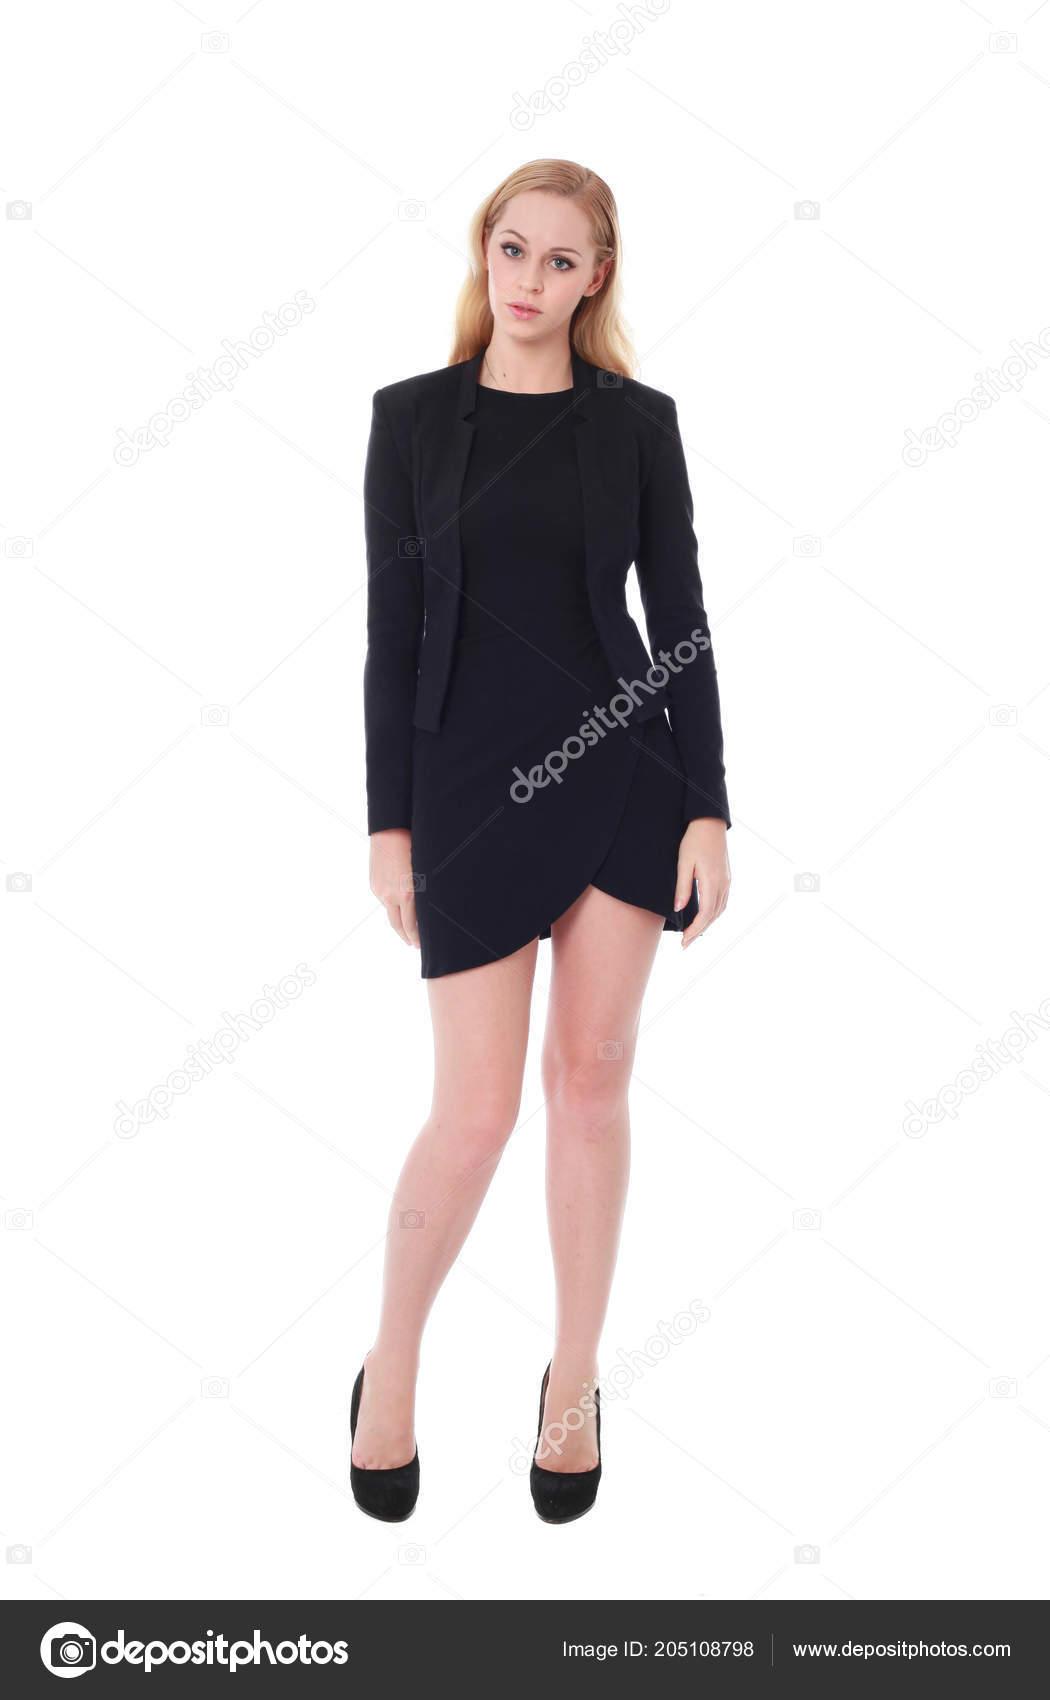 cdf62a618d2 In voller Länge Portrait einer attraktiven beruflichen Frau trug Schwarzes  Kleid. isoliert auf weißem Hintergrund — Foto von ...